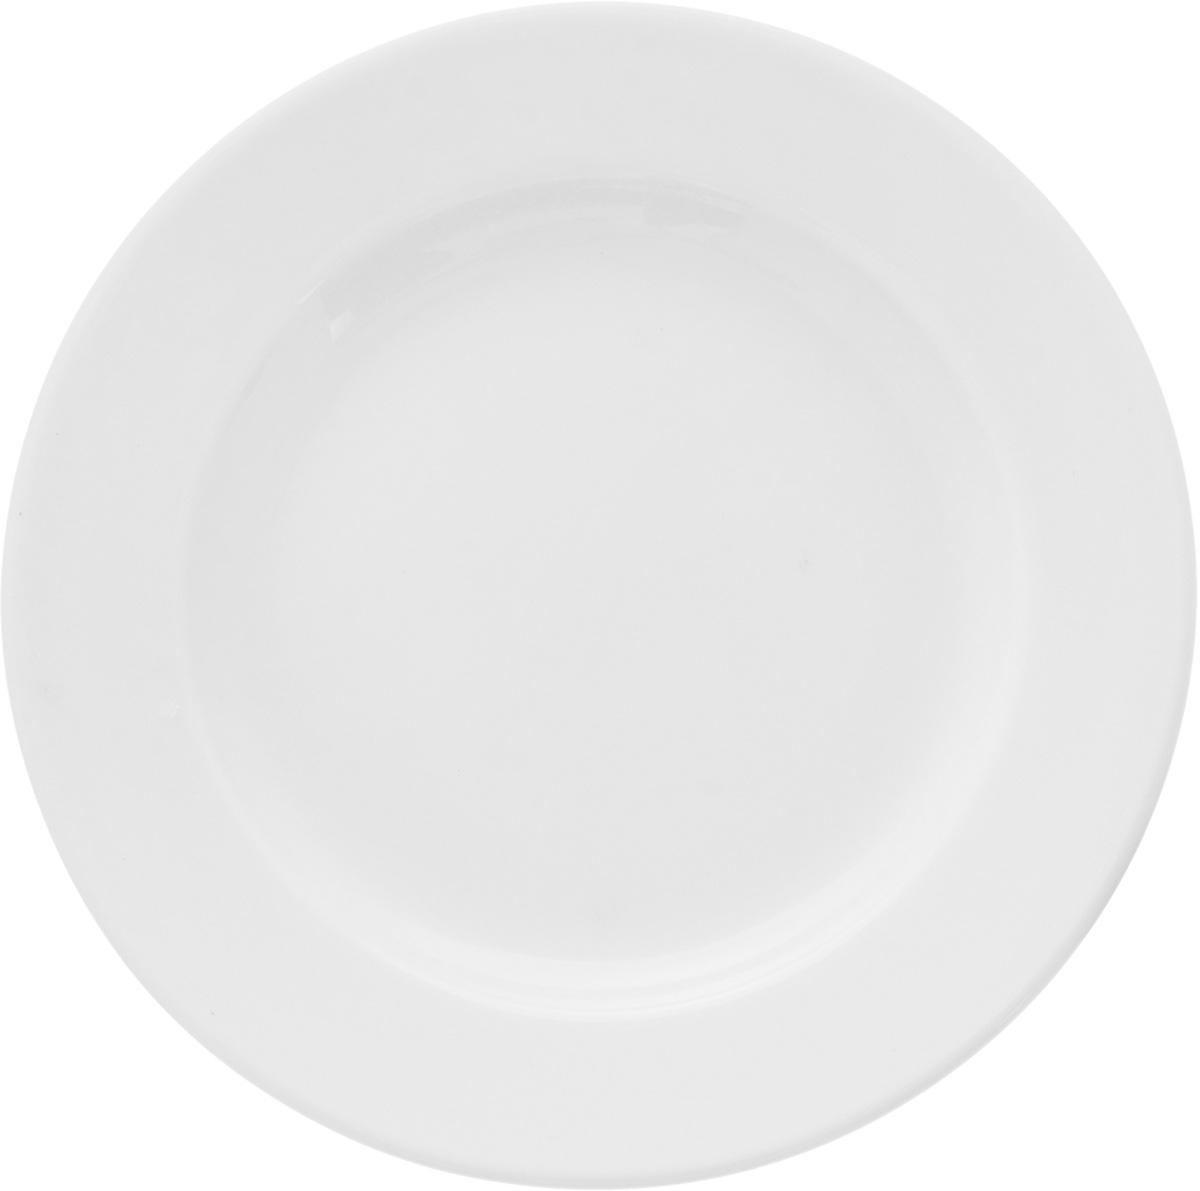 Тарелка мелкая Ariane Прайм, диаметр 14,5 смAPRARN11015Мелкая тарелка Ariane Прайм, изготовленная из высококачественного фарфора, имеет классическую круглую форму. Такая тарелка прекрасно подходит как для торжественных случаев, так и для повседневного использования. Идеальна для подачи десертов, пирожных, тортов и многого другого. Она прекрасно оформит стол и станет отличным дополнением к вашей коллекции кухонной посуды.Можно мыть в посудомоечной машине и использовать в микроволновой печи. Высота: 2 см.Диаметр тарелки: 14,5 см.